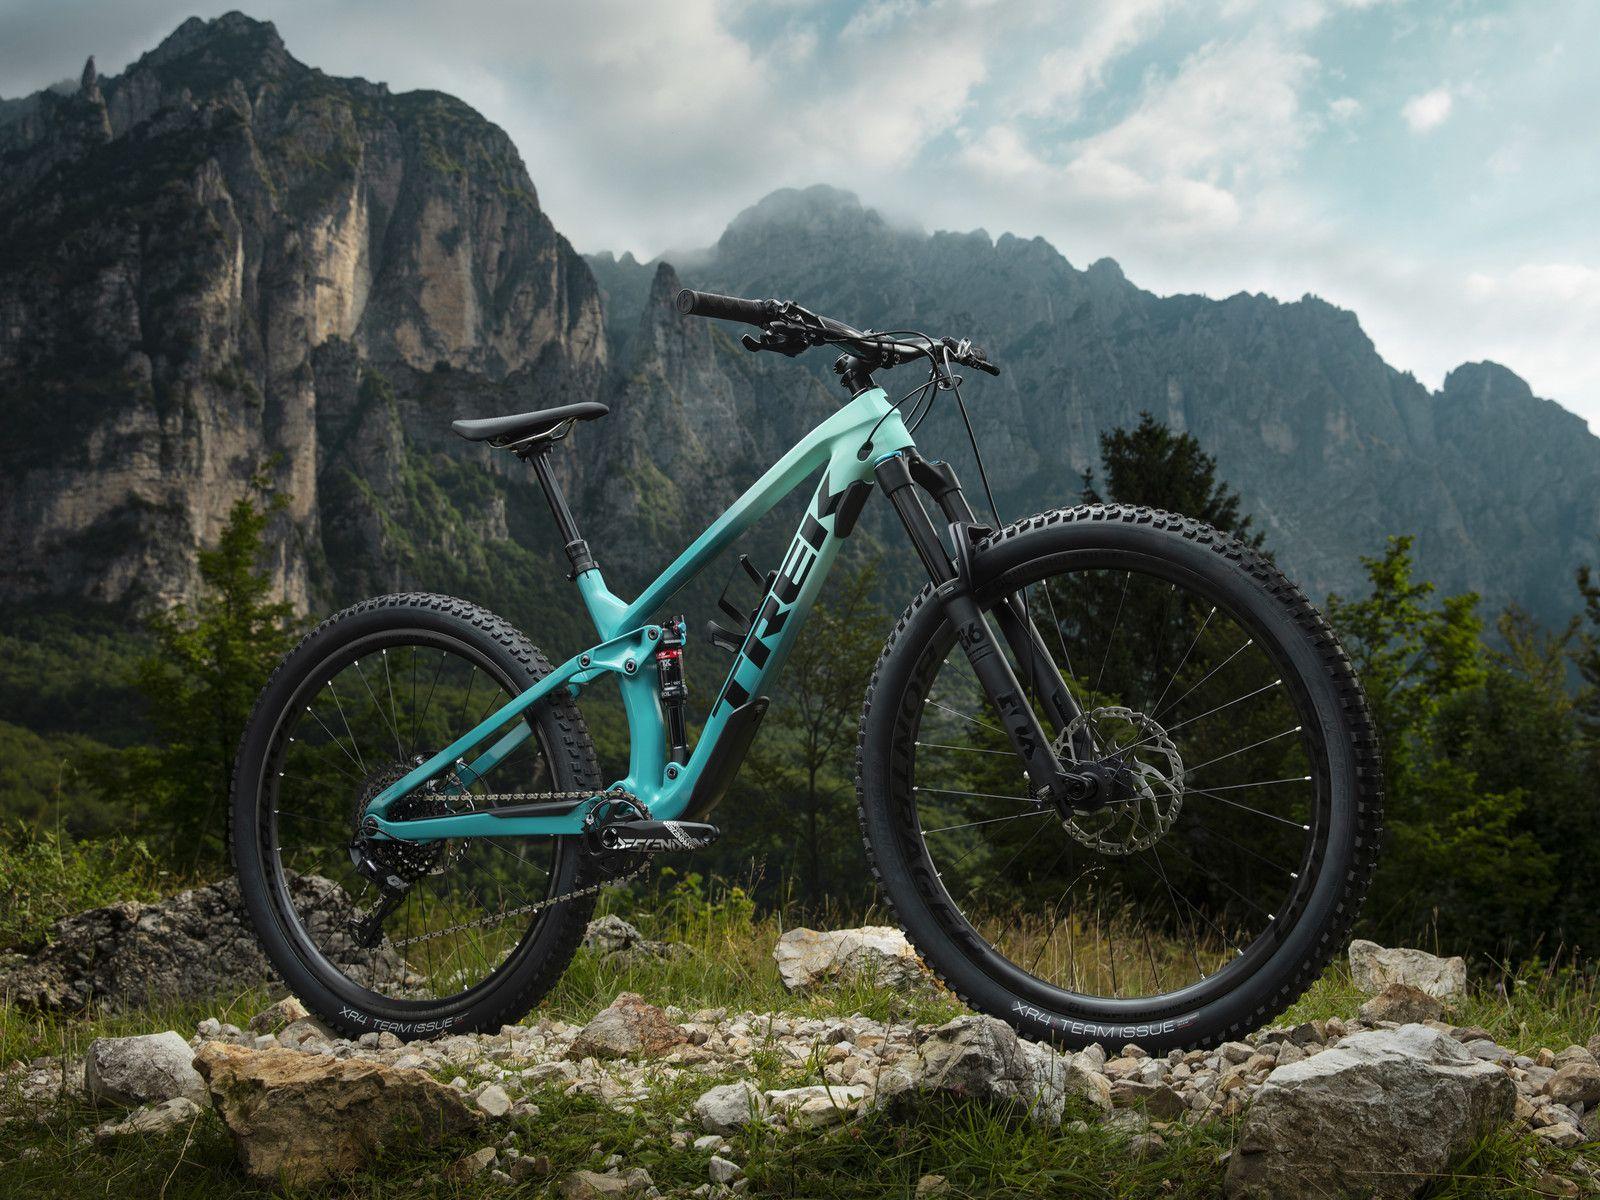 Горные велосипеды: предназначение, преимущества, отличия